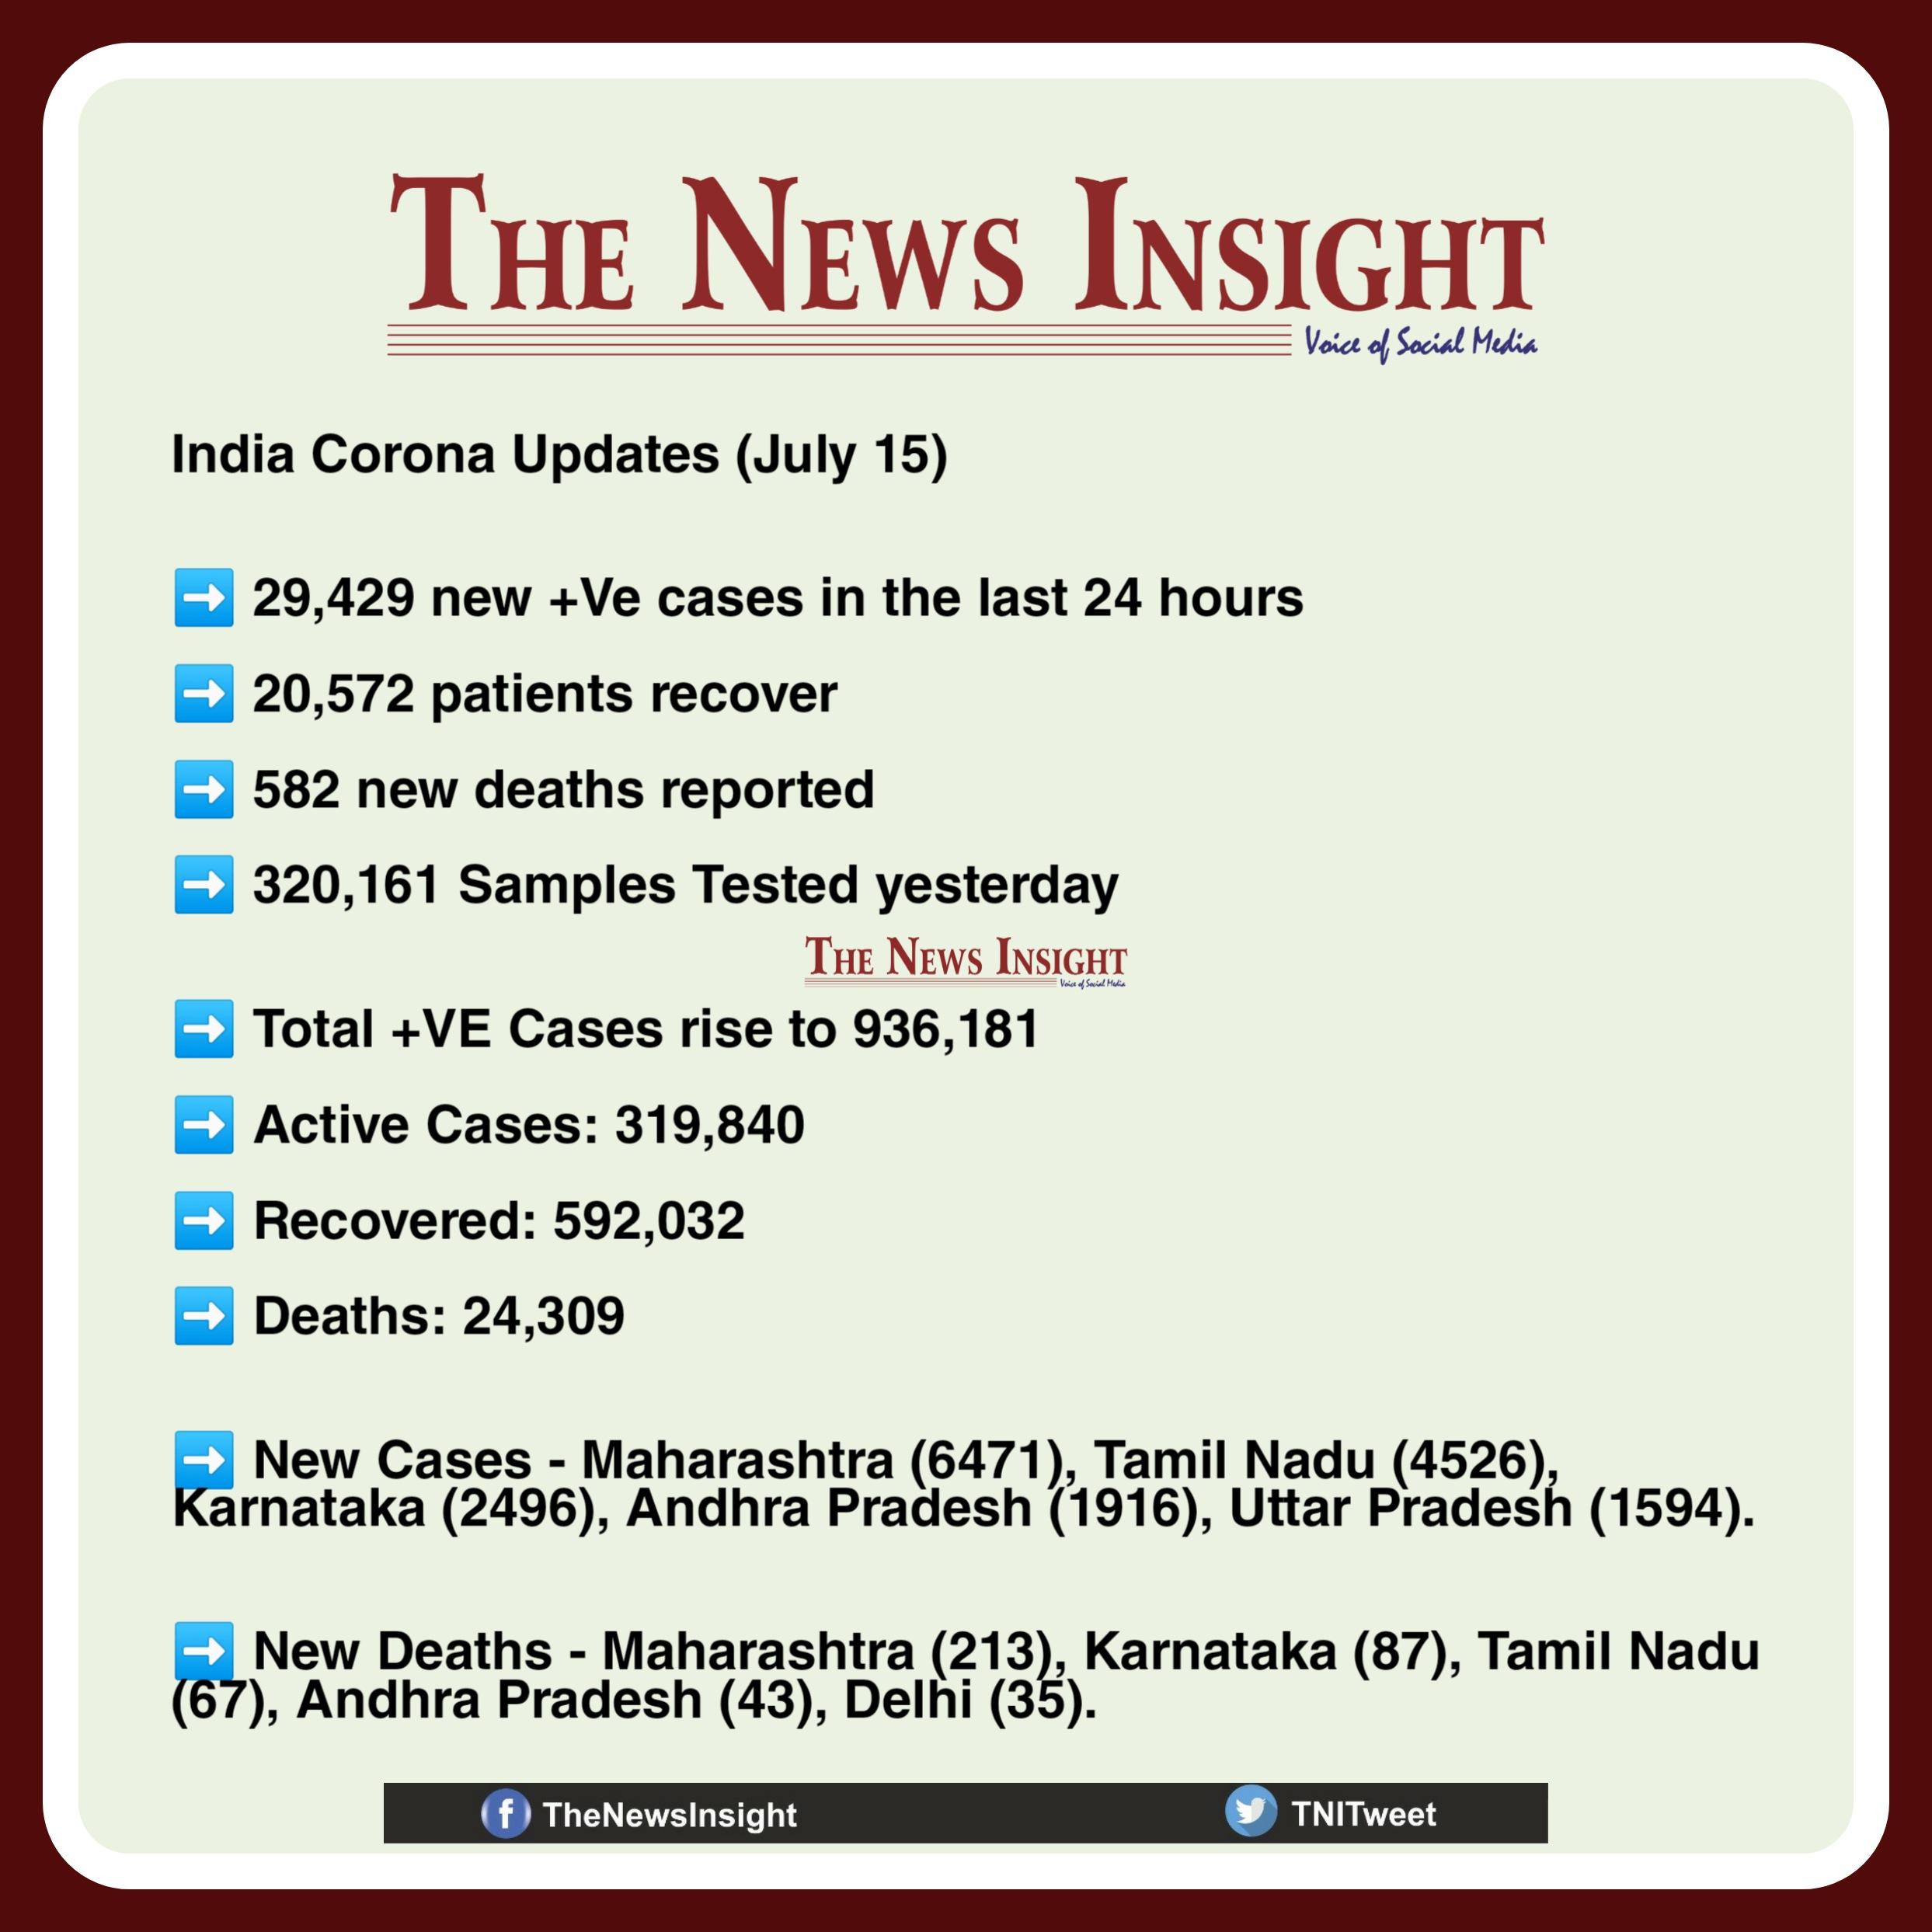 India Corona Updates July 15